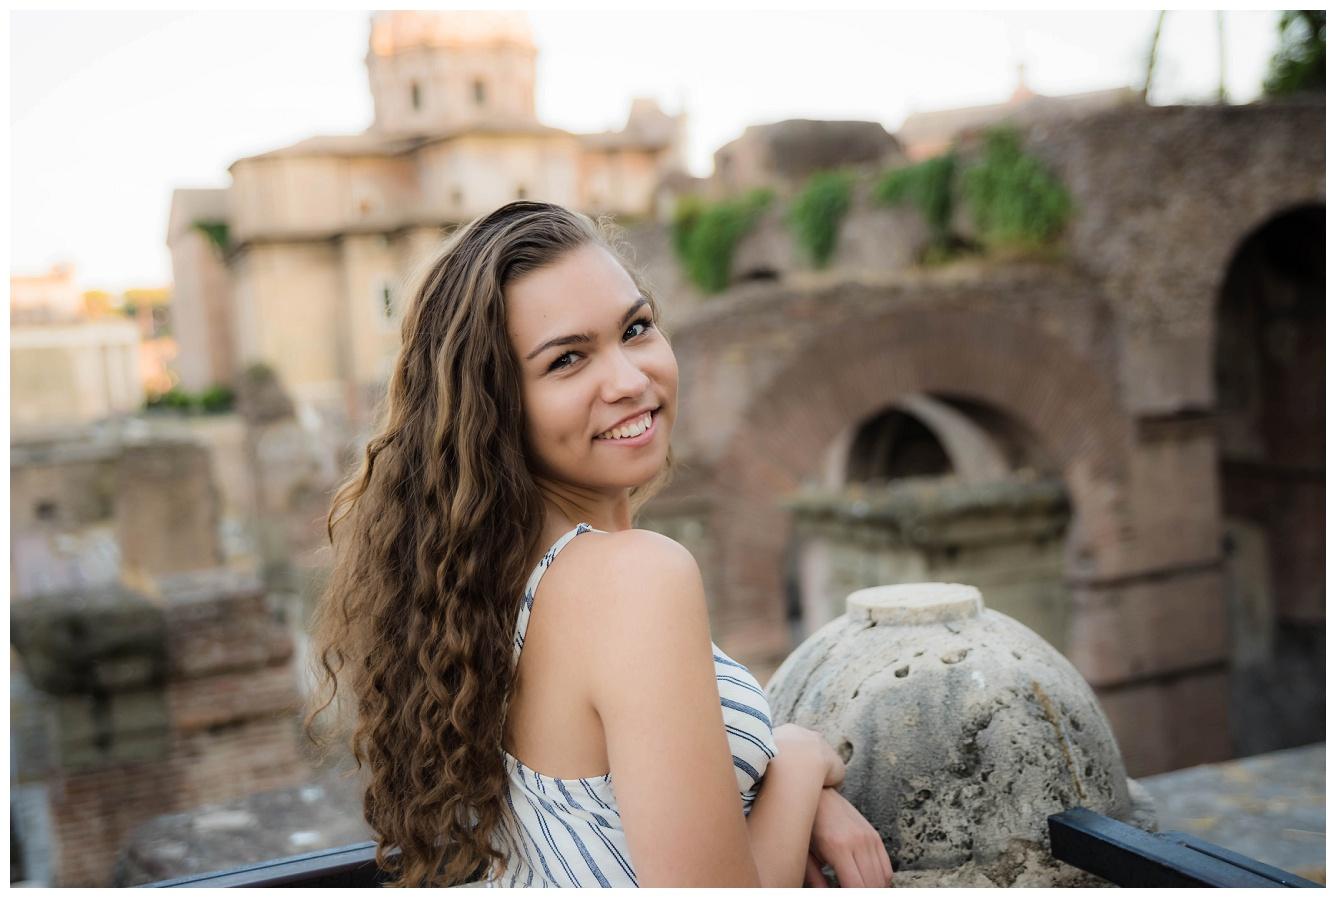 Senior Photos Abroad